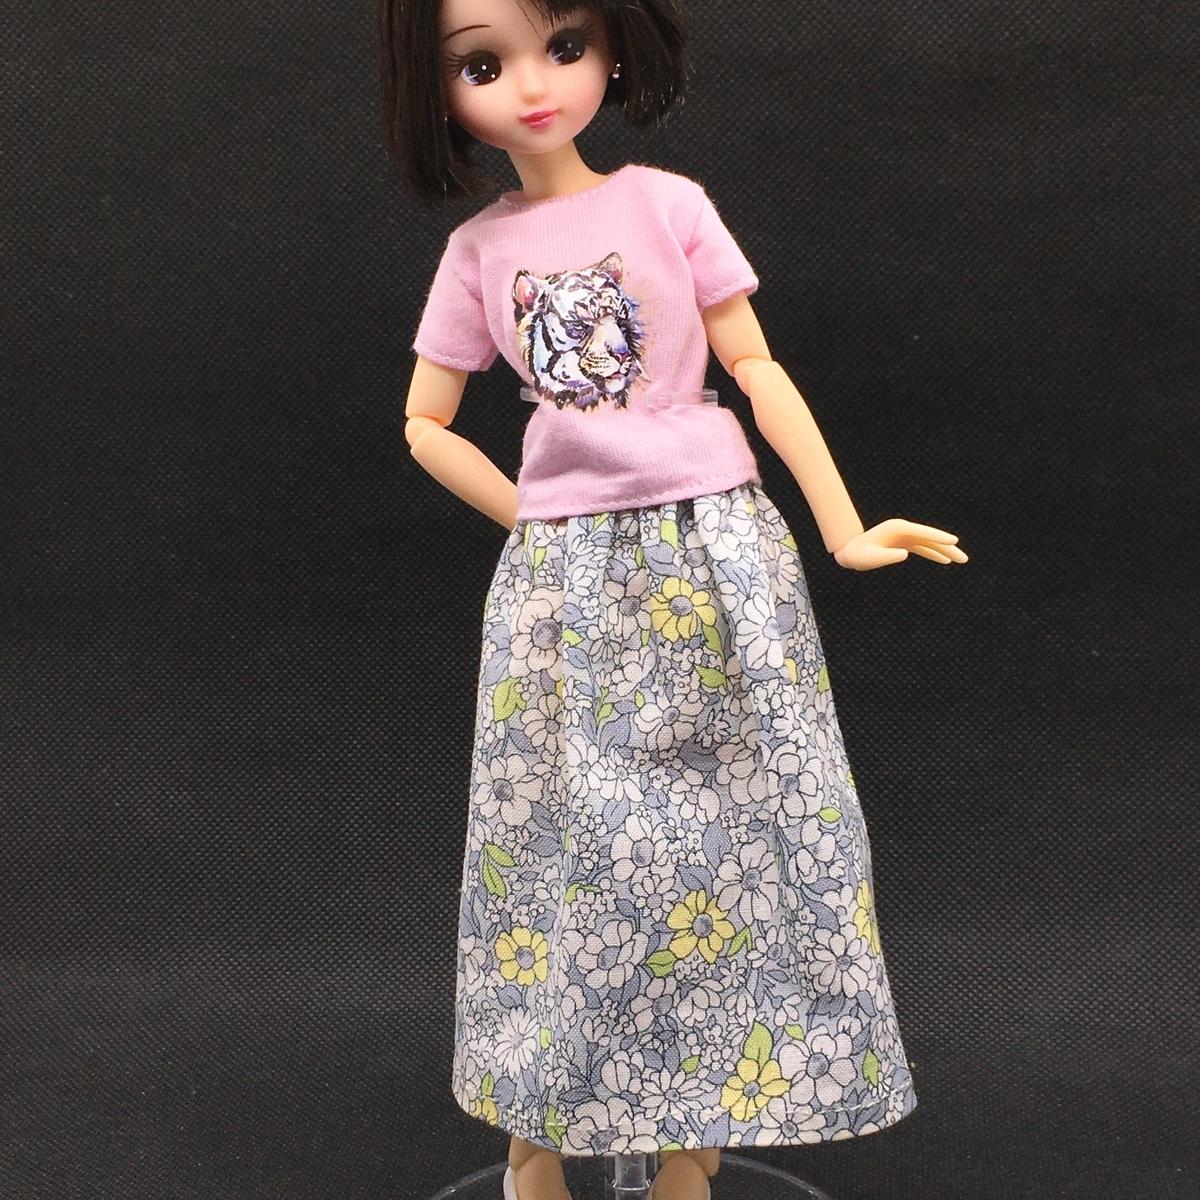 青い花柄の手縫いのロング丈スカートを着たリカちゃん